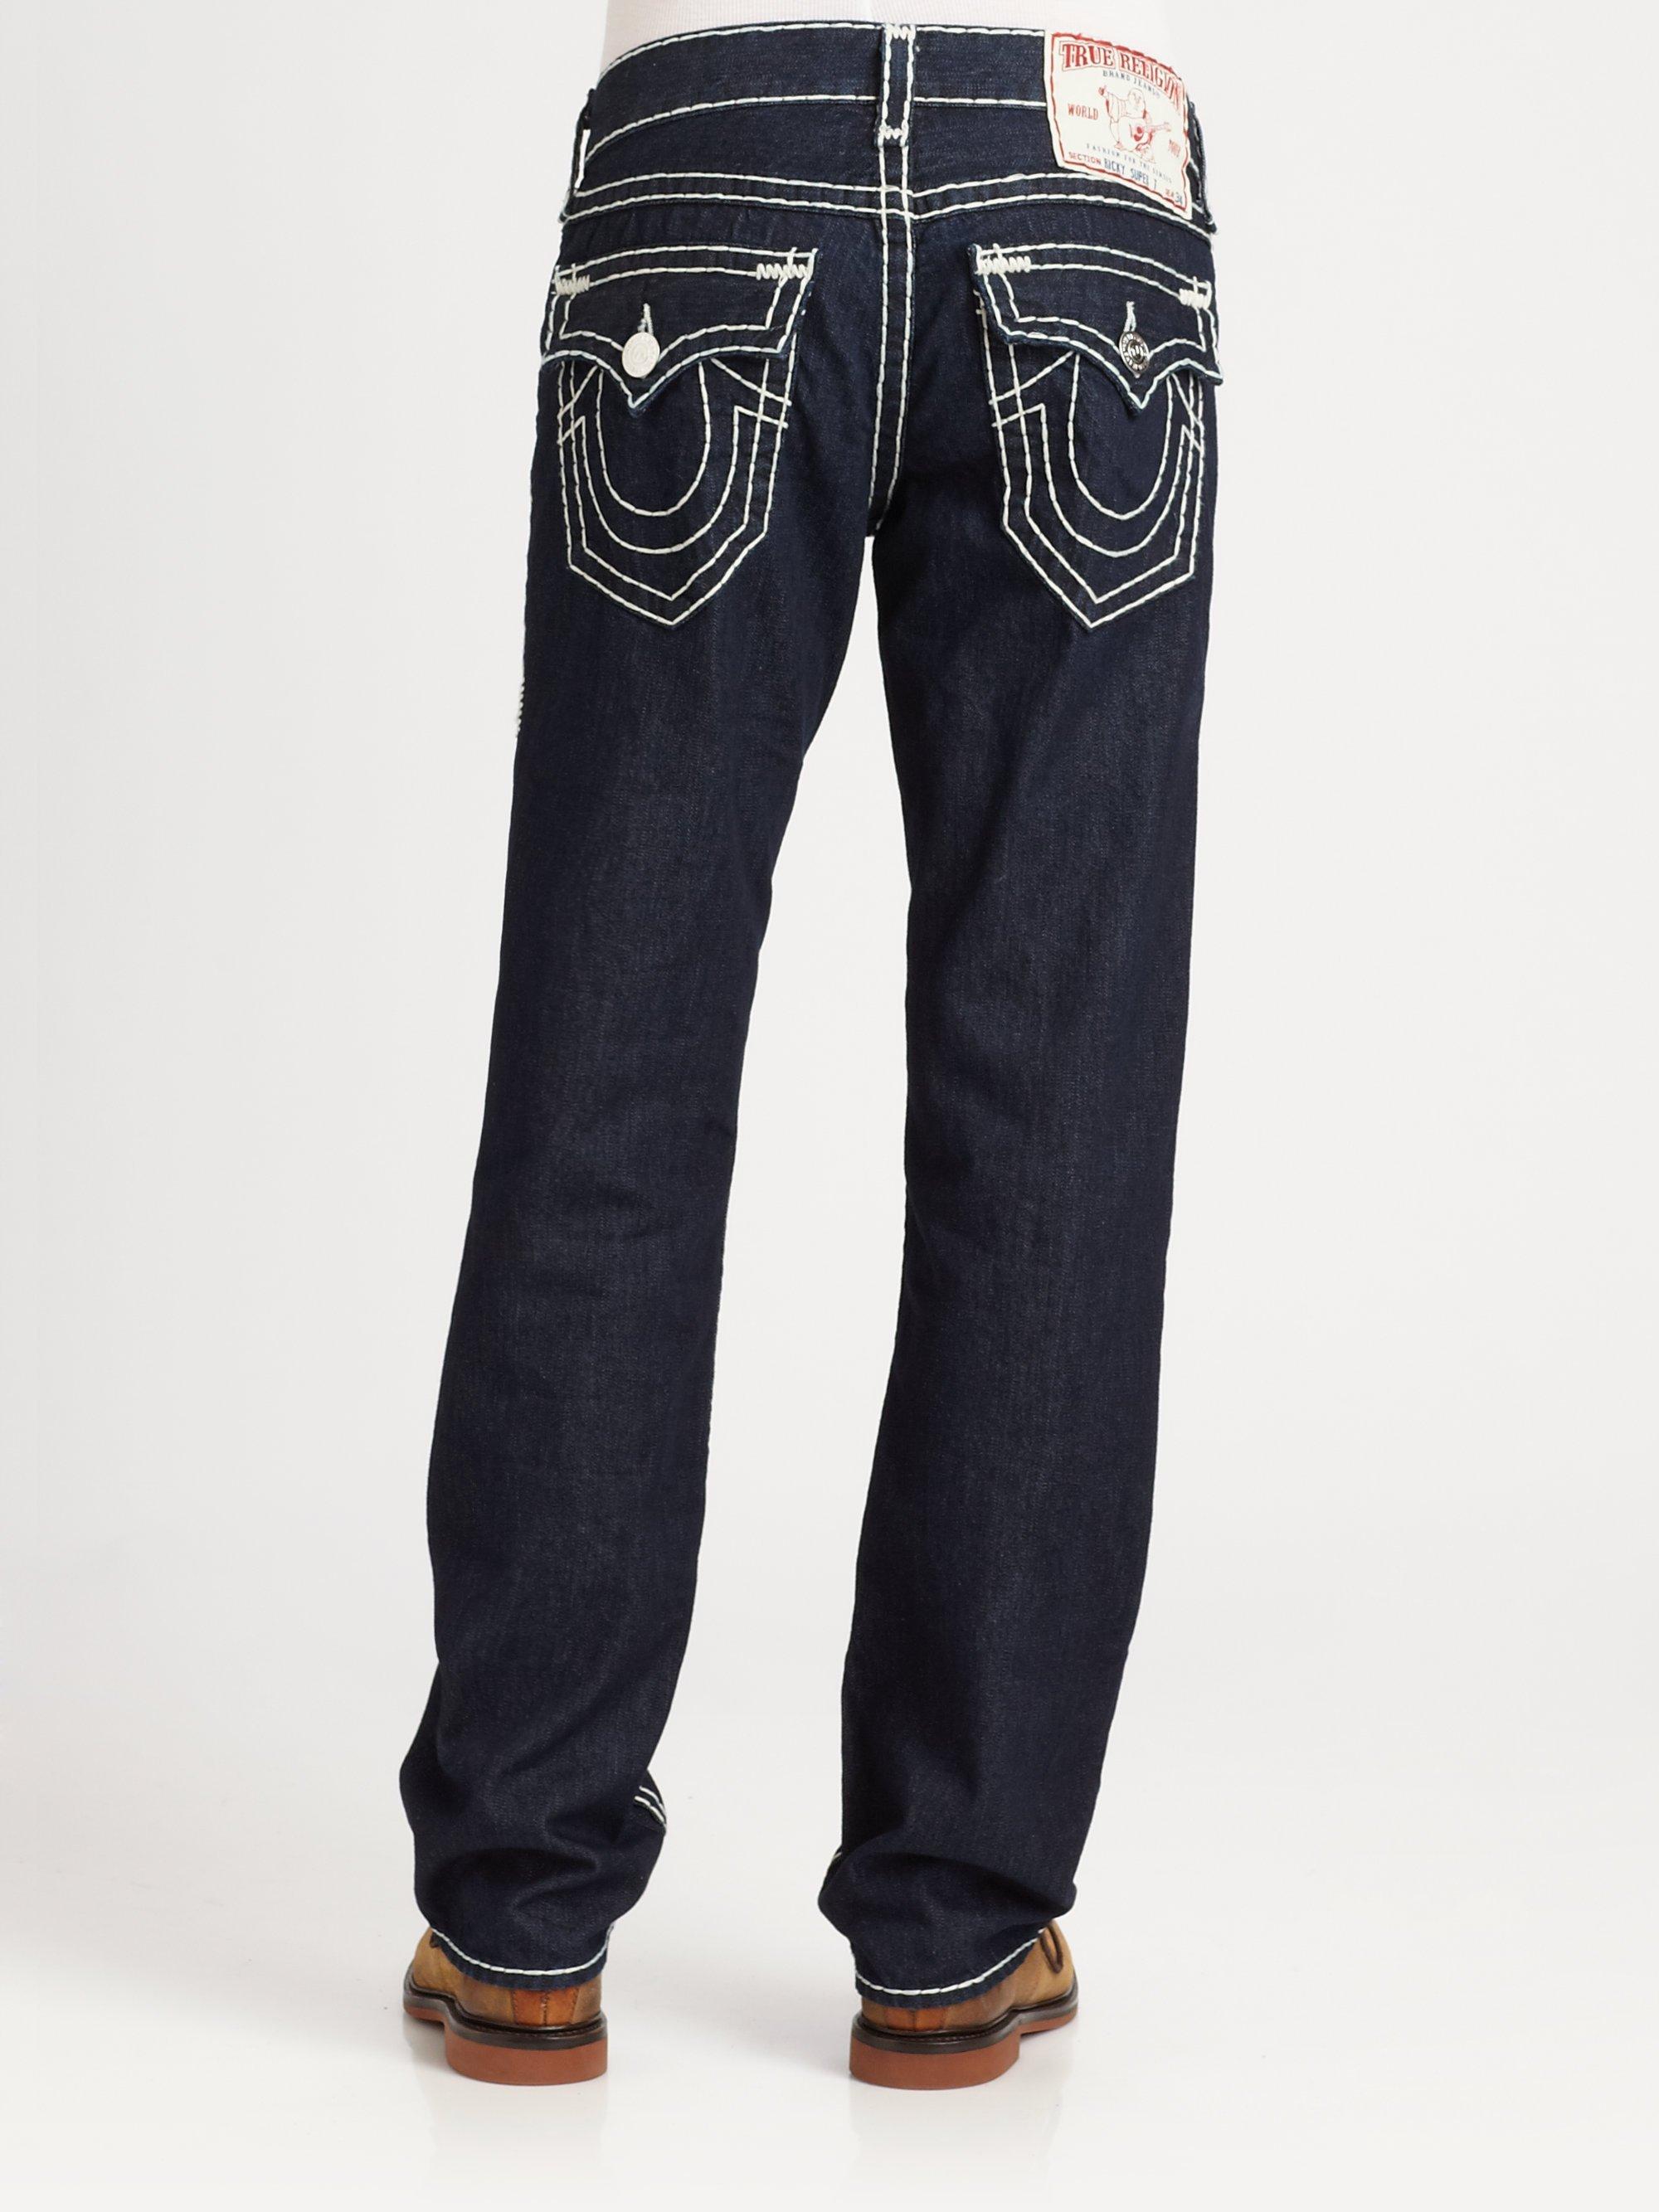 true religion ricky supert jeans in black for men lyst. Black Bedroom Furniture Sets. Home Design Ideas